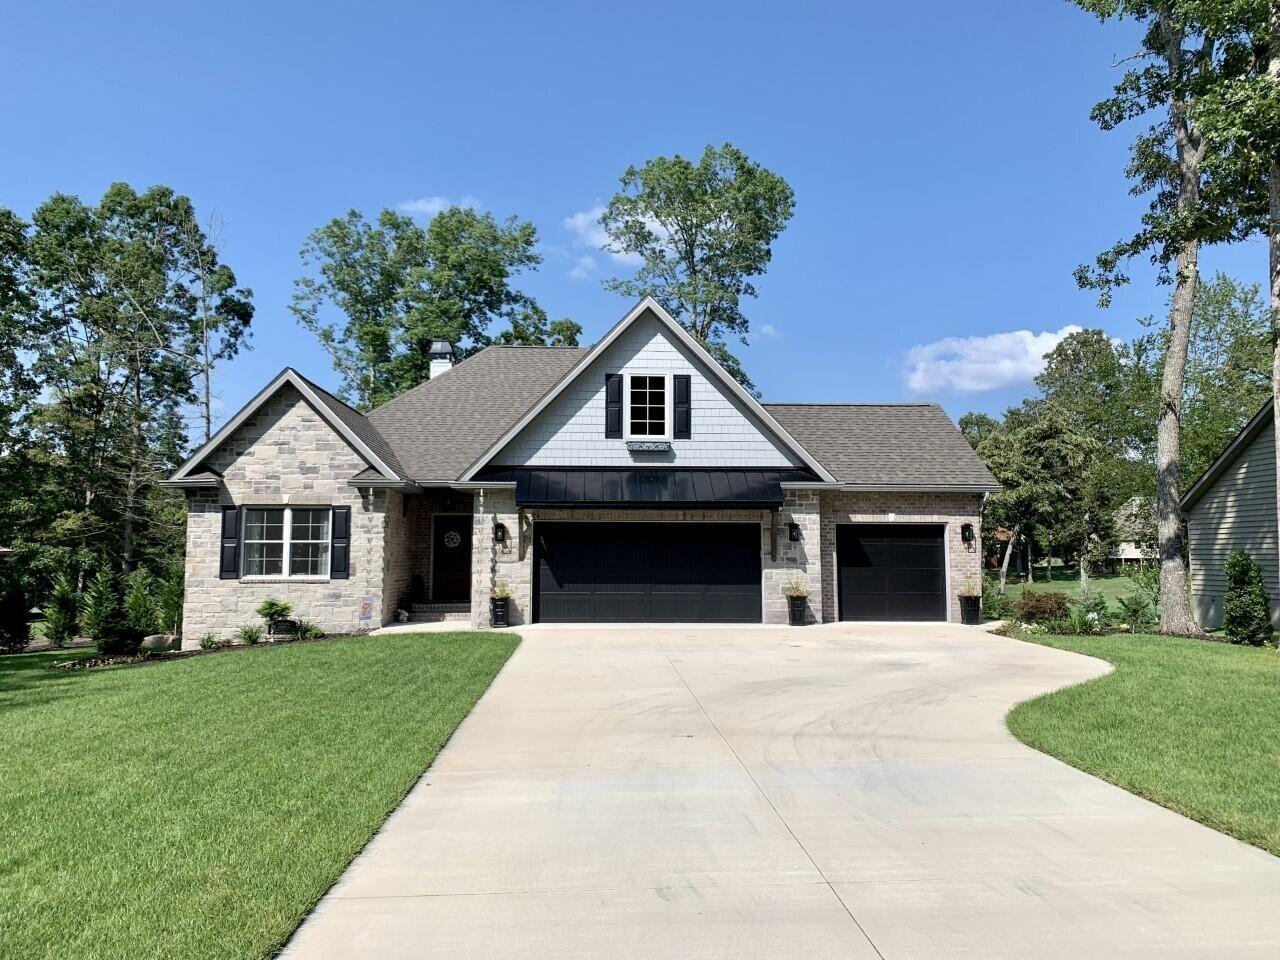 20 Dylan Lane, Crossville, TN 38558 - MLS#: 1167534